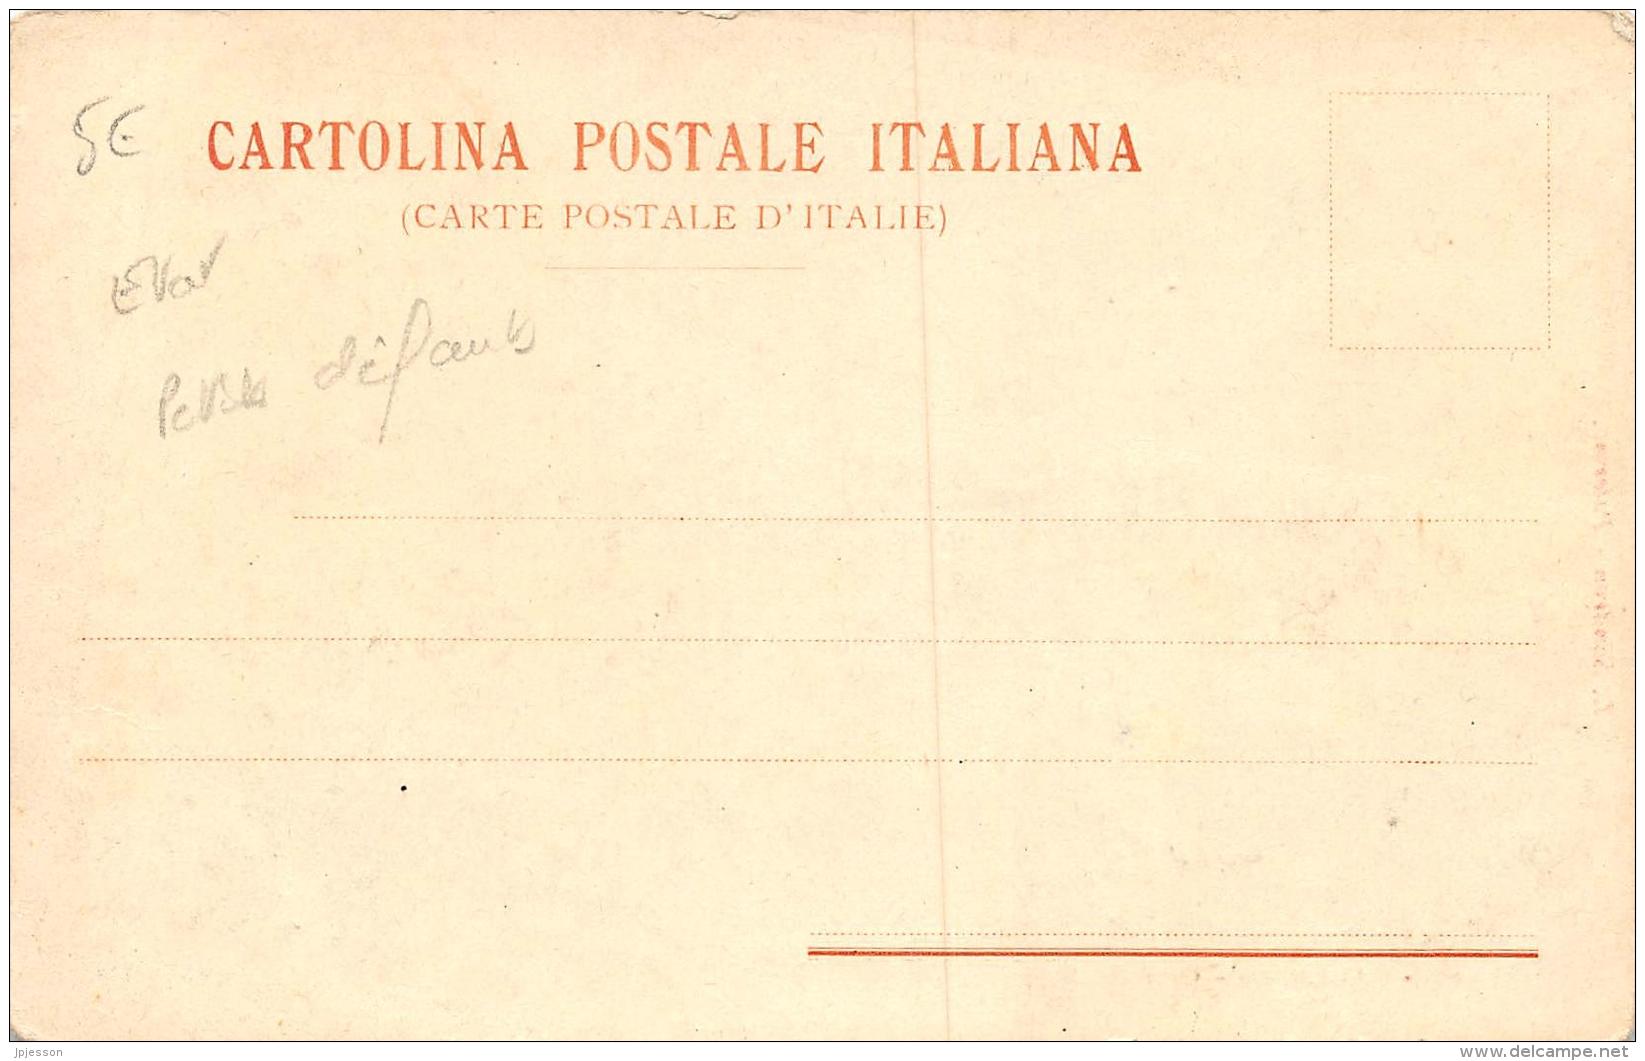 SICILIA  PALERMO  CARRETTO SICILIANO  ATTELAGE - Palermo